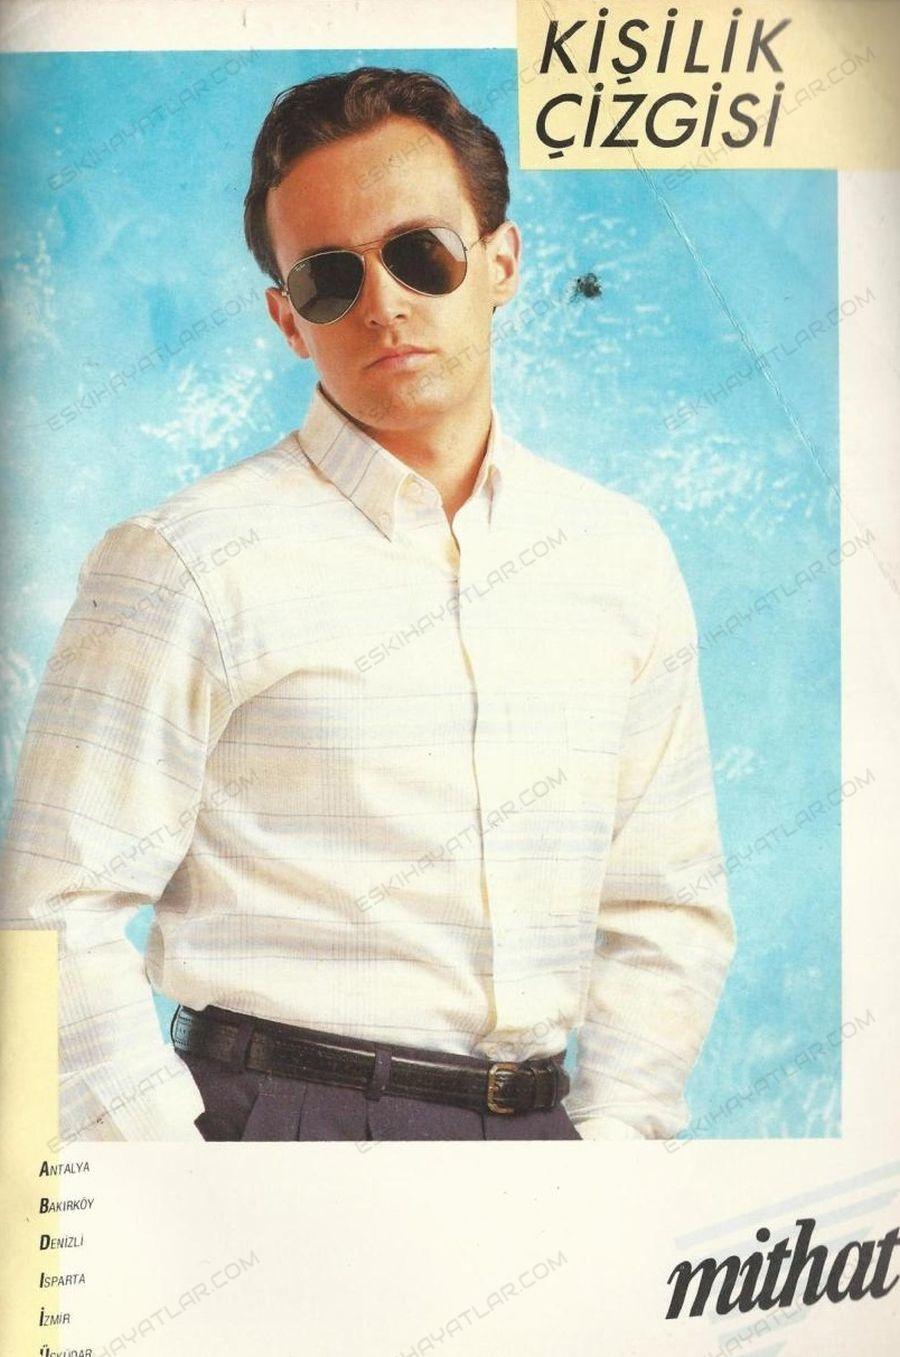 0386-mithat-giyim-reklamlari-seksenlerde-erkek-modasi-1987-yilinda-gencler-ne-giyerdi-kisilik-cizgisi